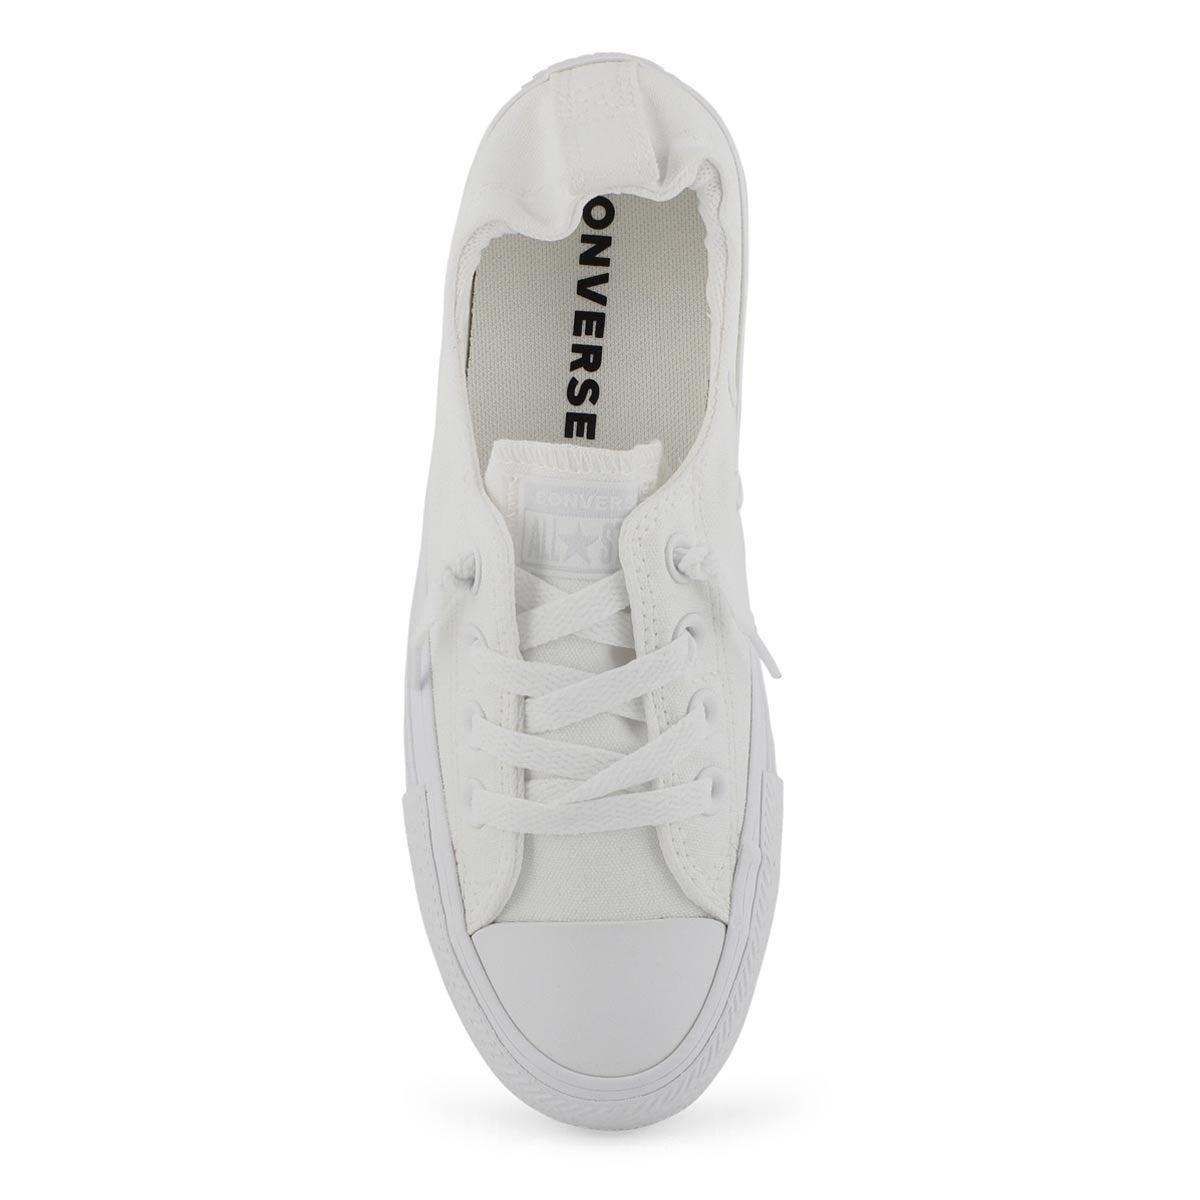 Women's All Star Shoreline Sneaker- White